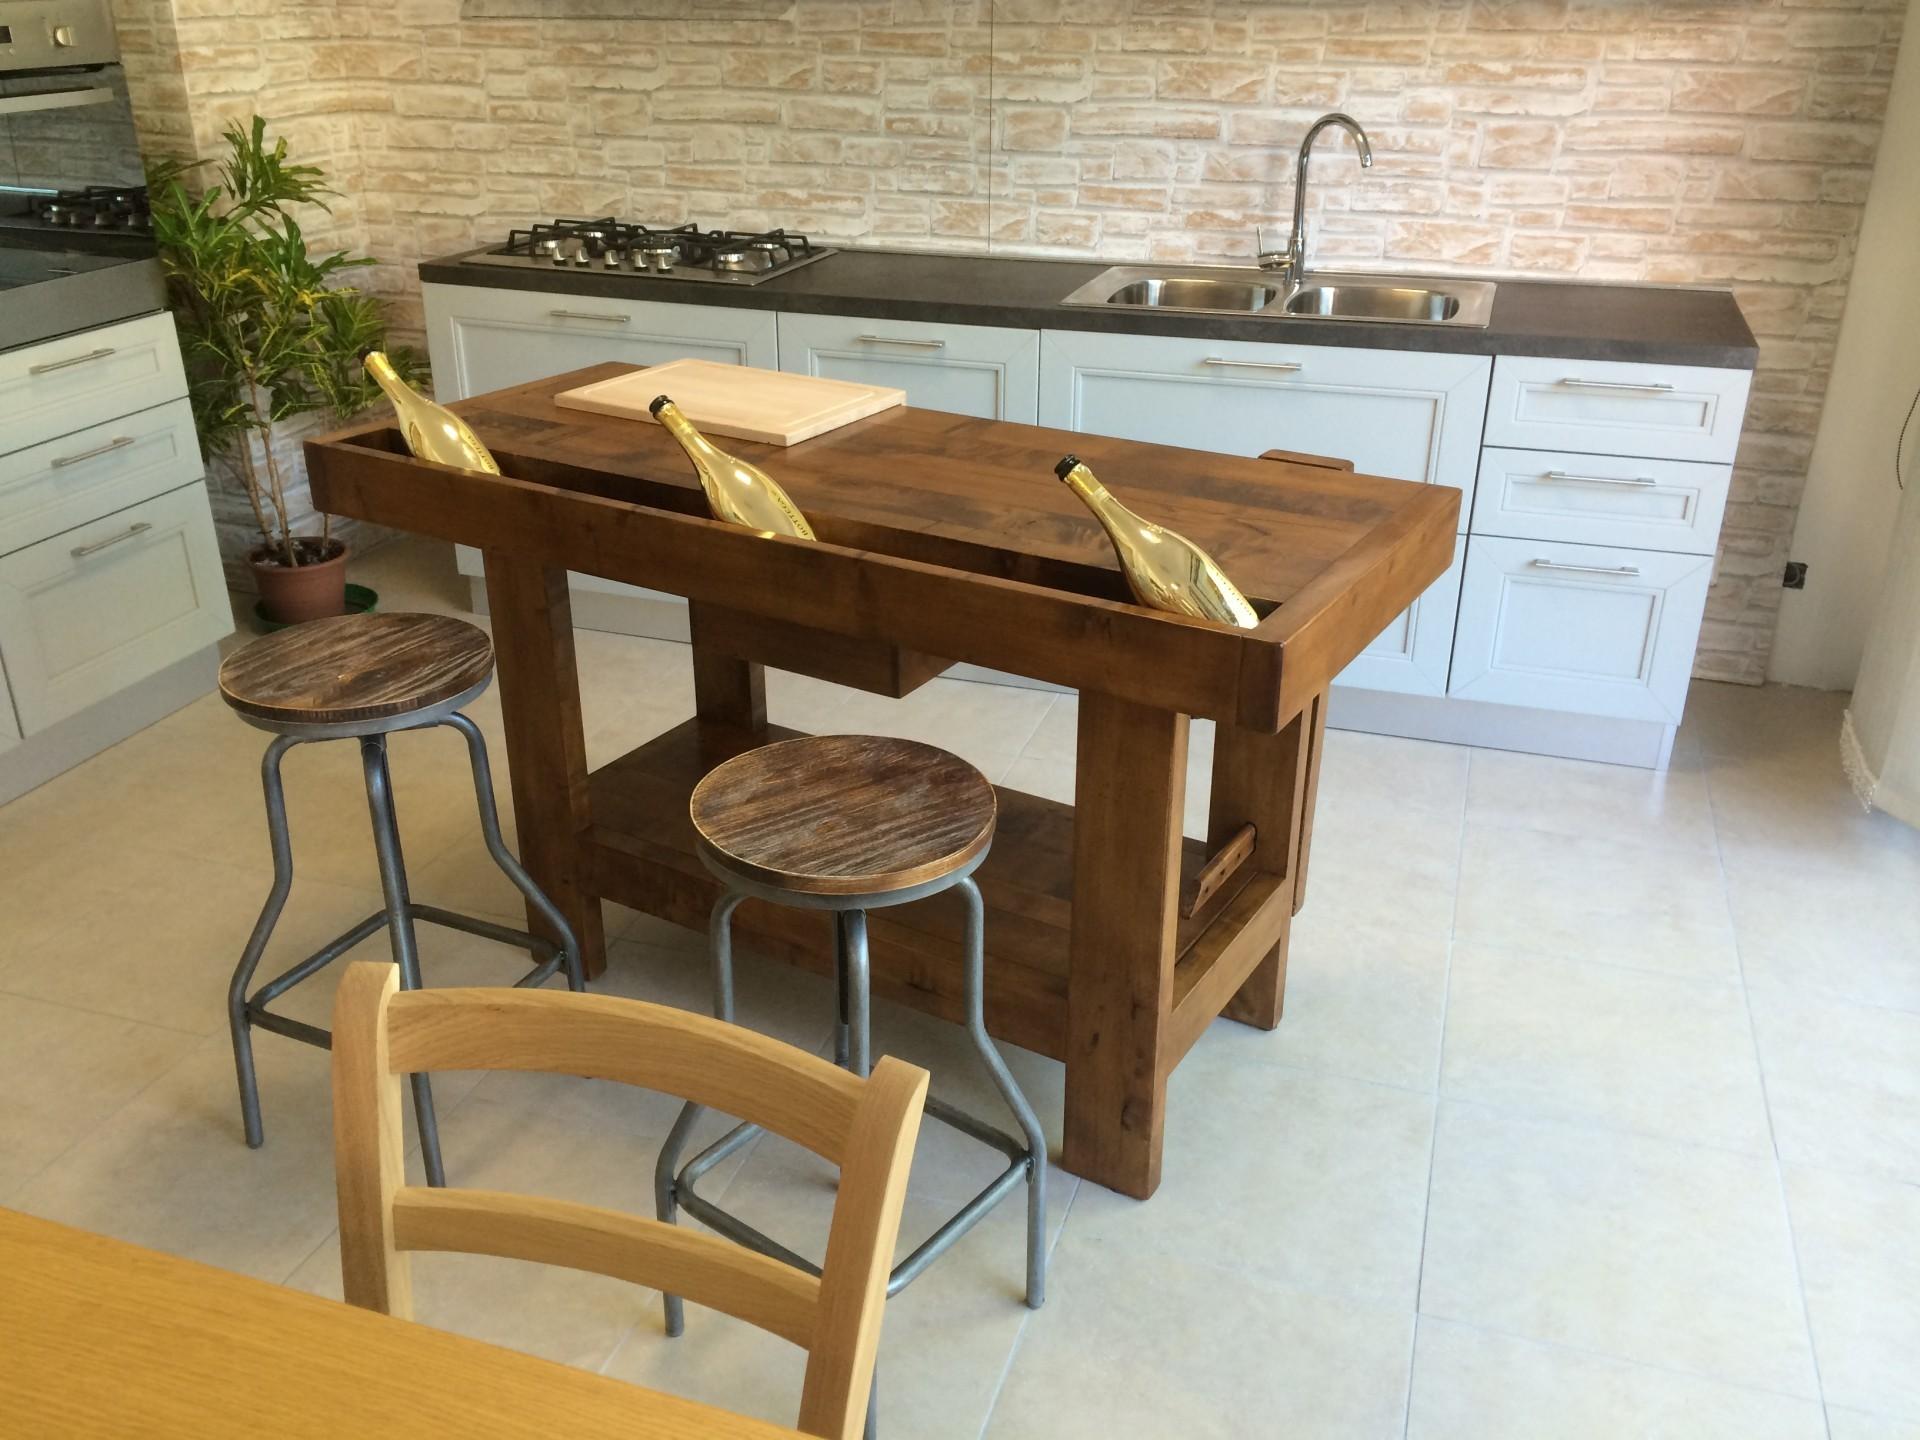 Sgabelli moderni per cucina. woltu bhcm sgabelli da bar sedia club